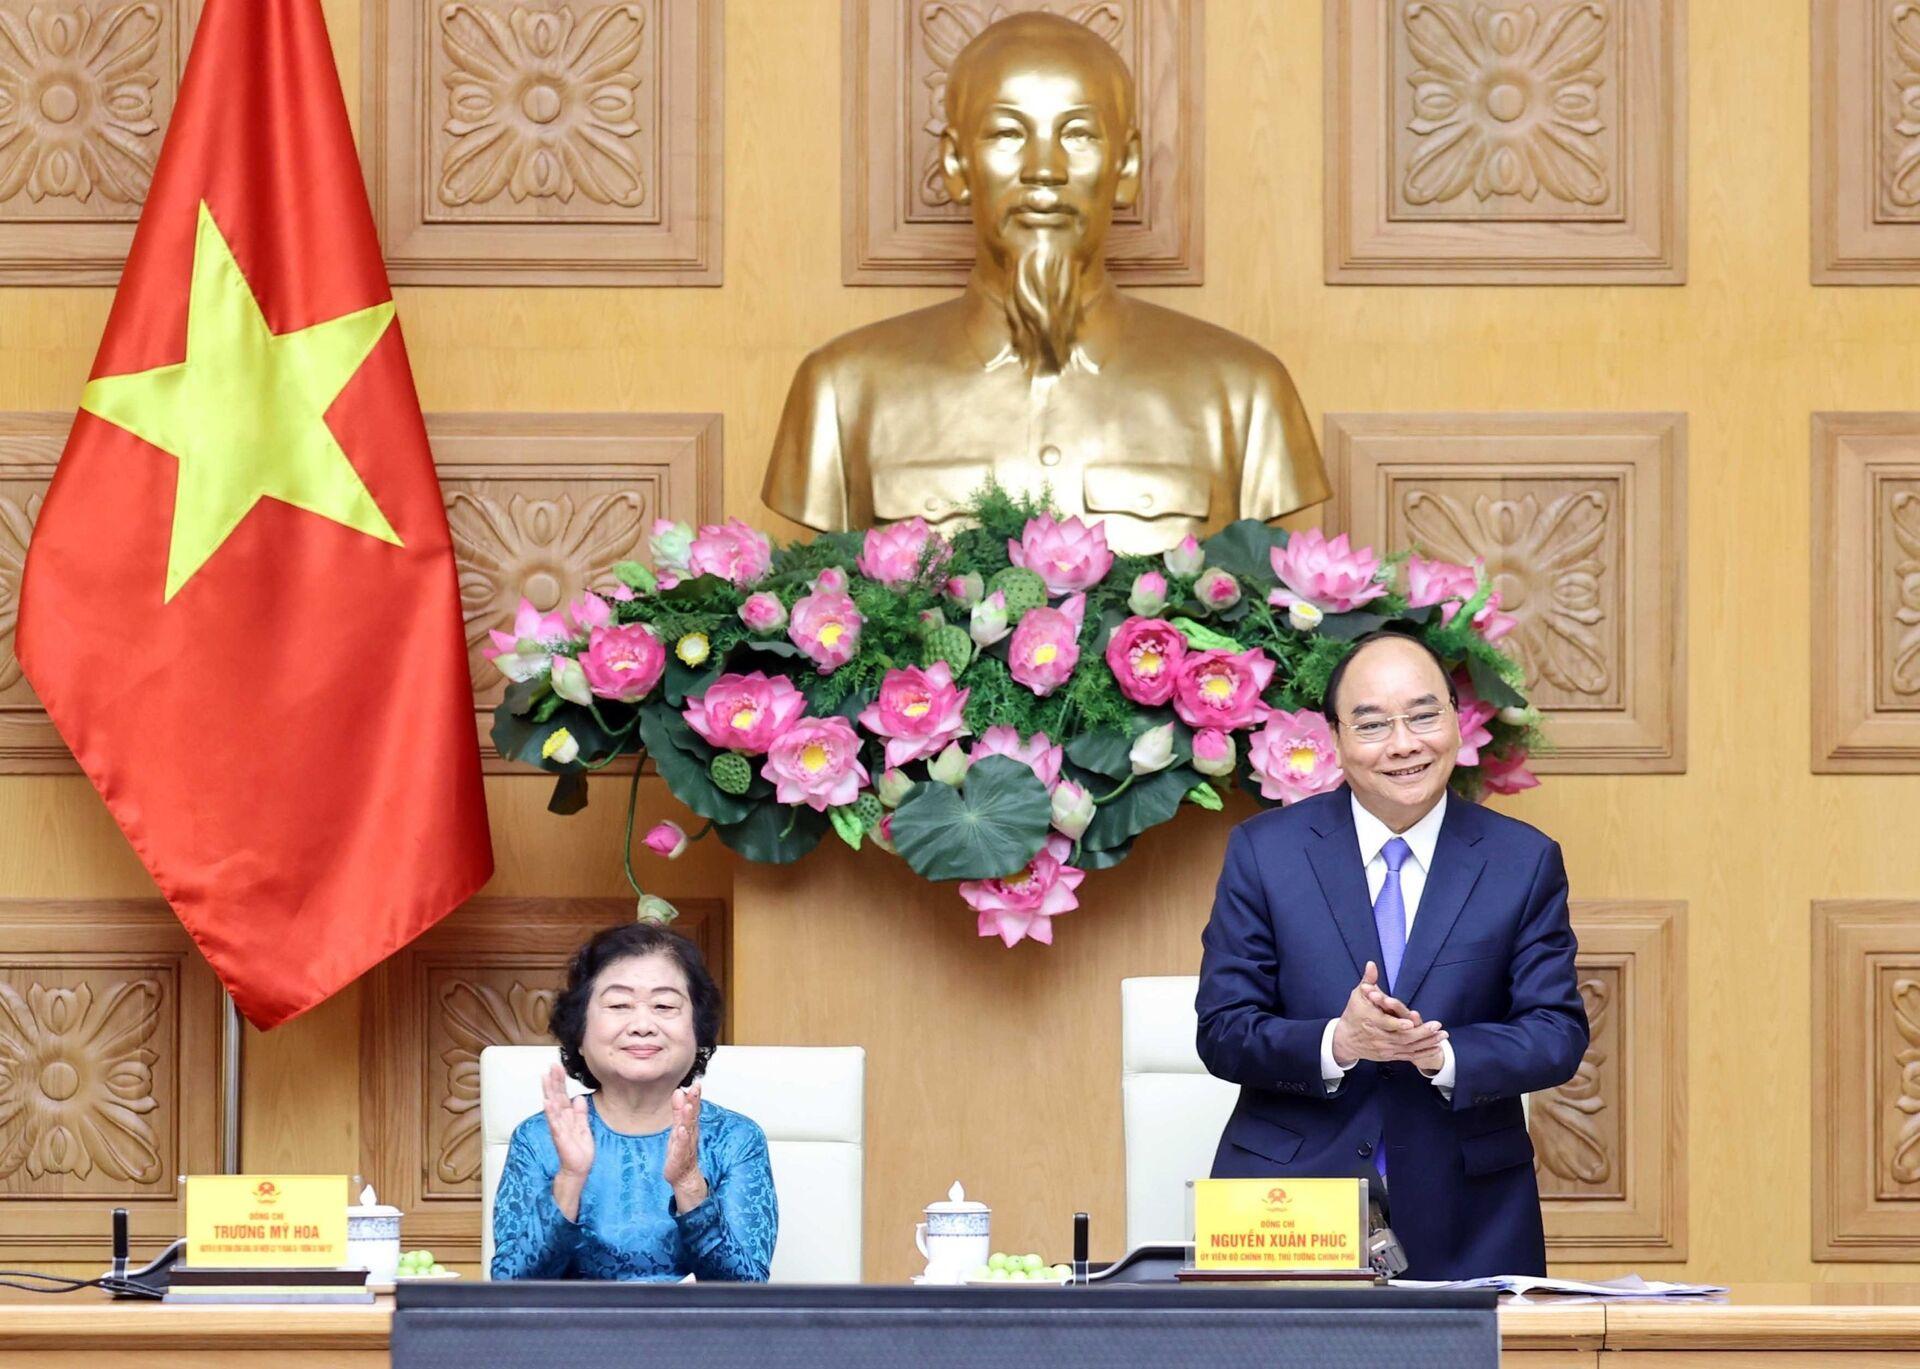 Thủ tướng Nguyễn Xuân Phúc vừa gặp mặt Nguyên Phó Chủ tịch nước Trương Mỹ Hoa - Sputnik Việt Nam, 1920, 15.03.2021